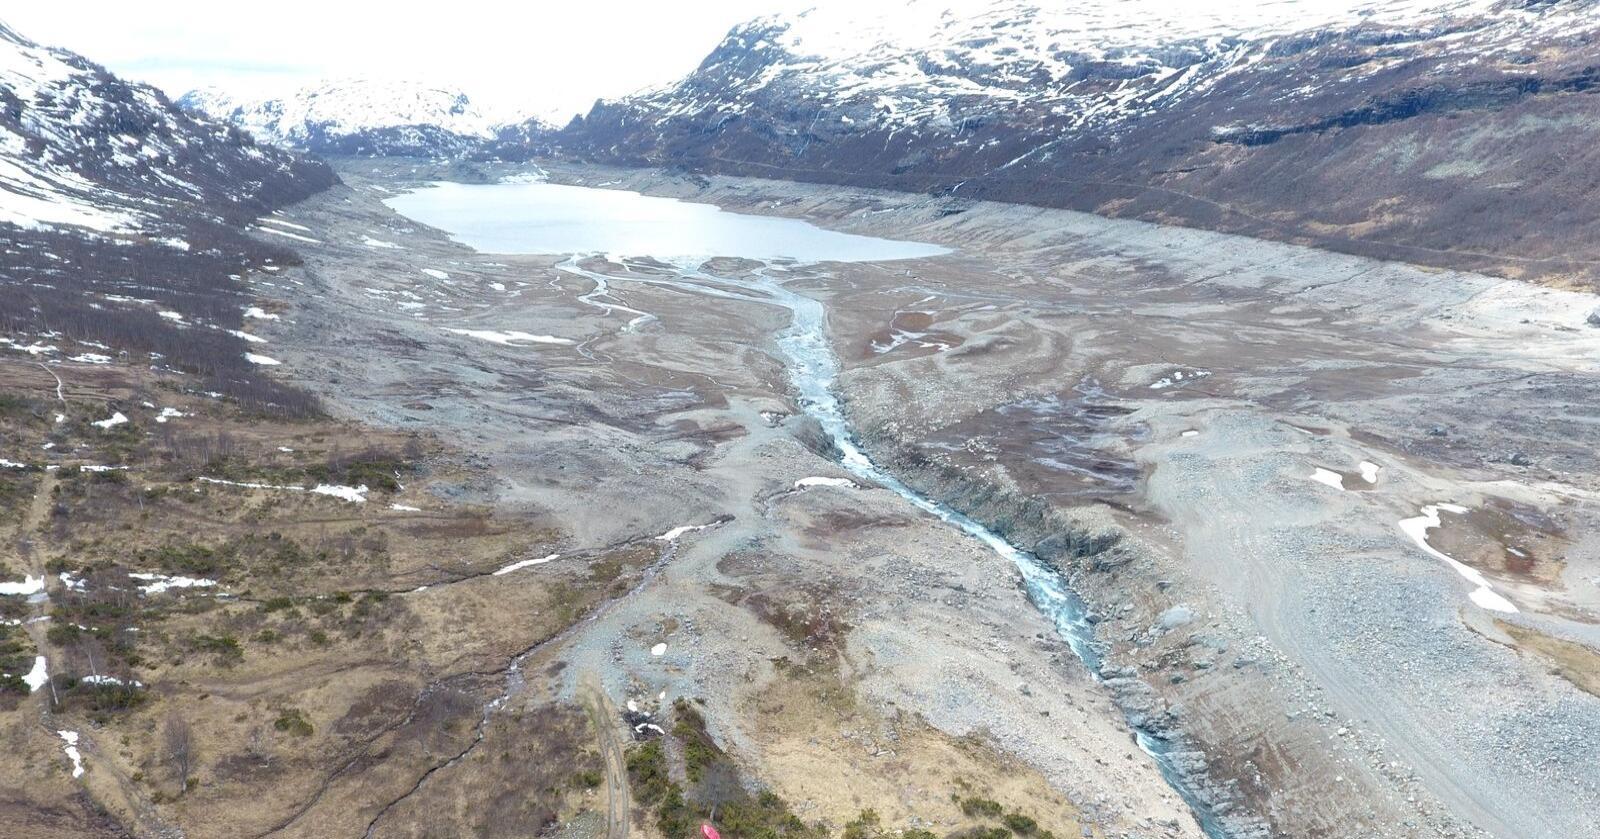 Ikke vakkert: Lav vannstand i dalen, der 2000 geiter og over 100 kyr en gang beitet. Foto: Rødal info.